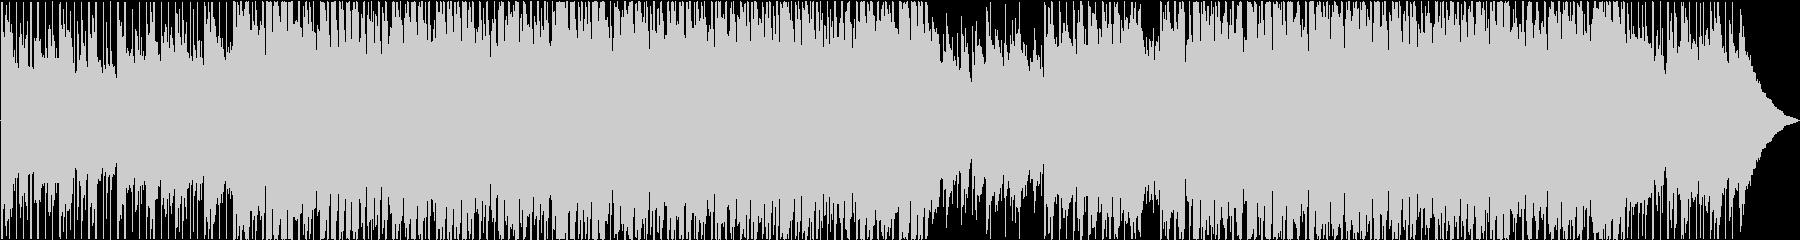 簡単な明るいファンクの未再生の波形